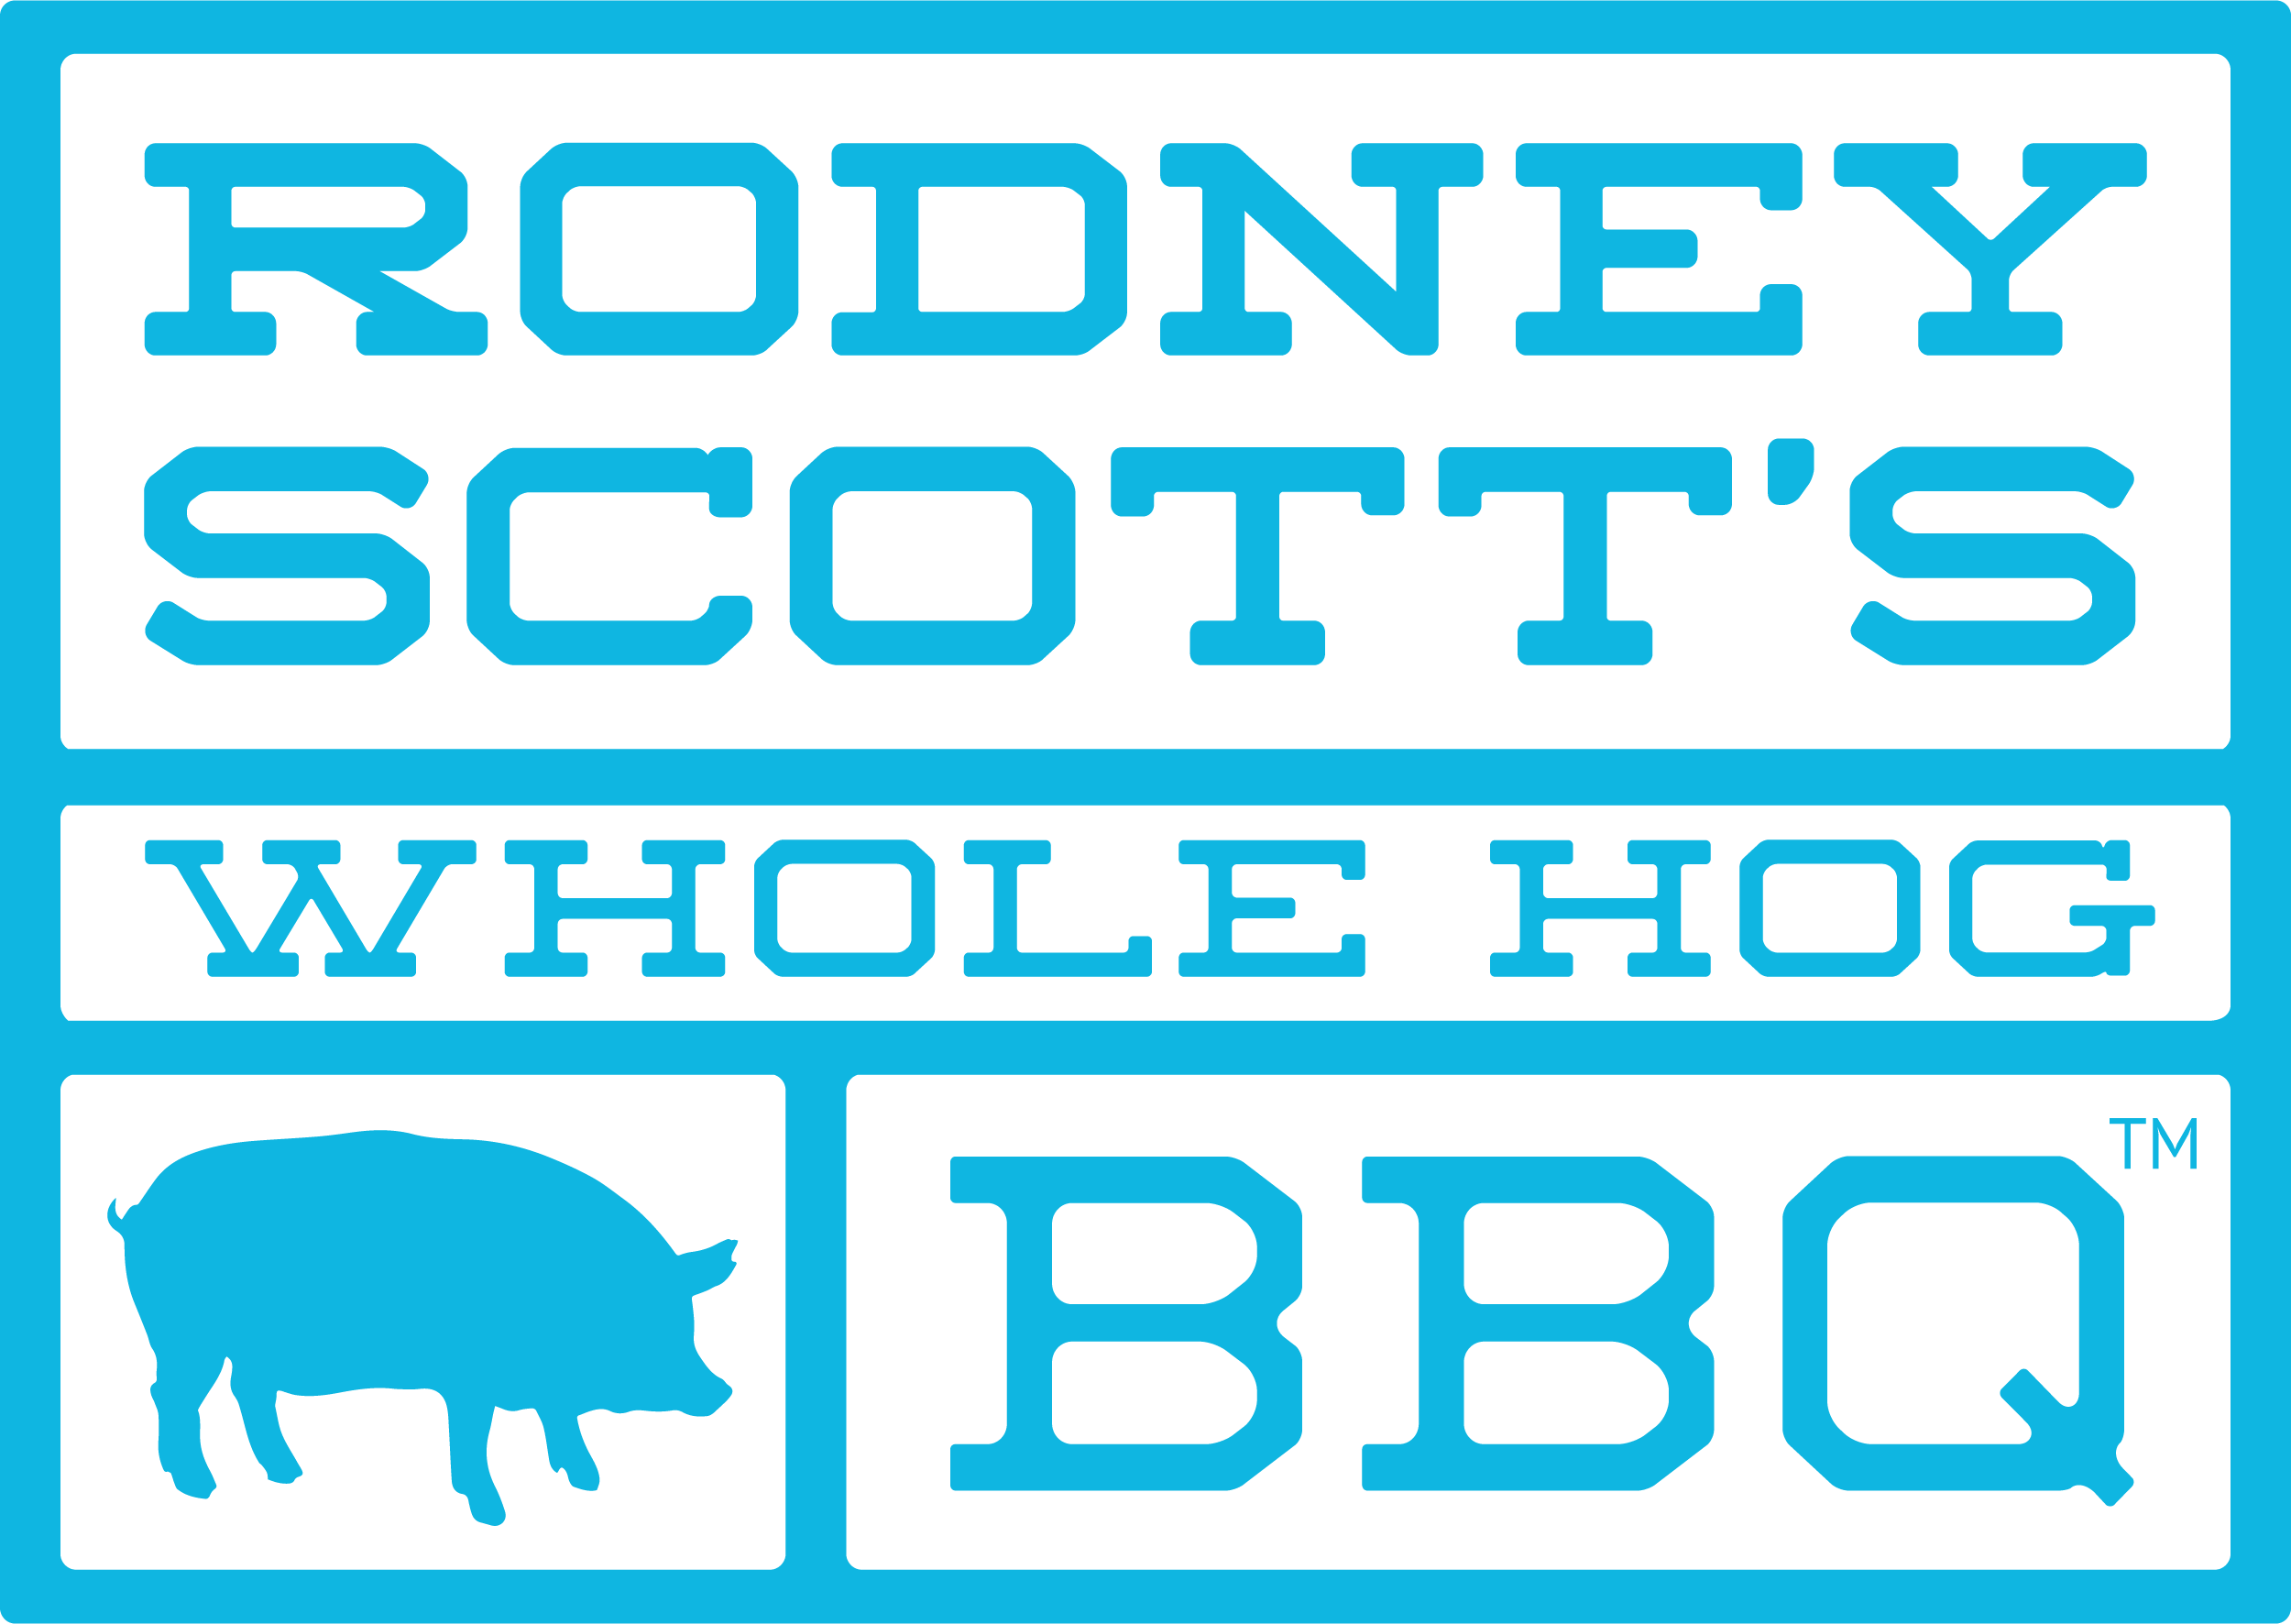 Rodney Scott BBQ